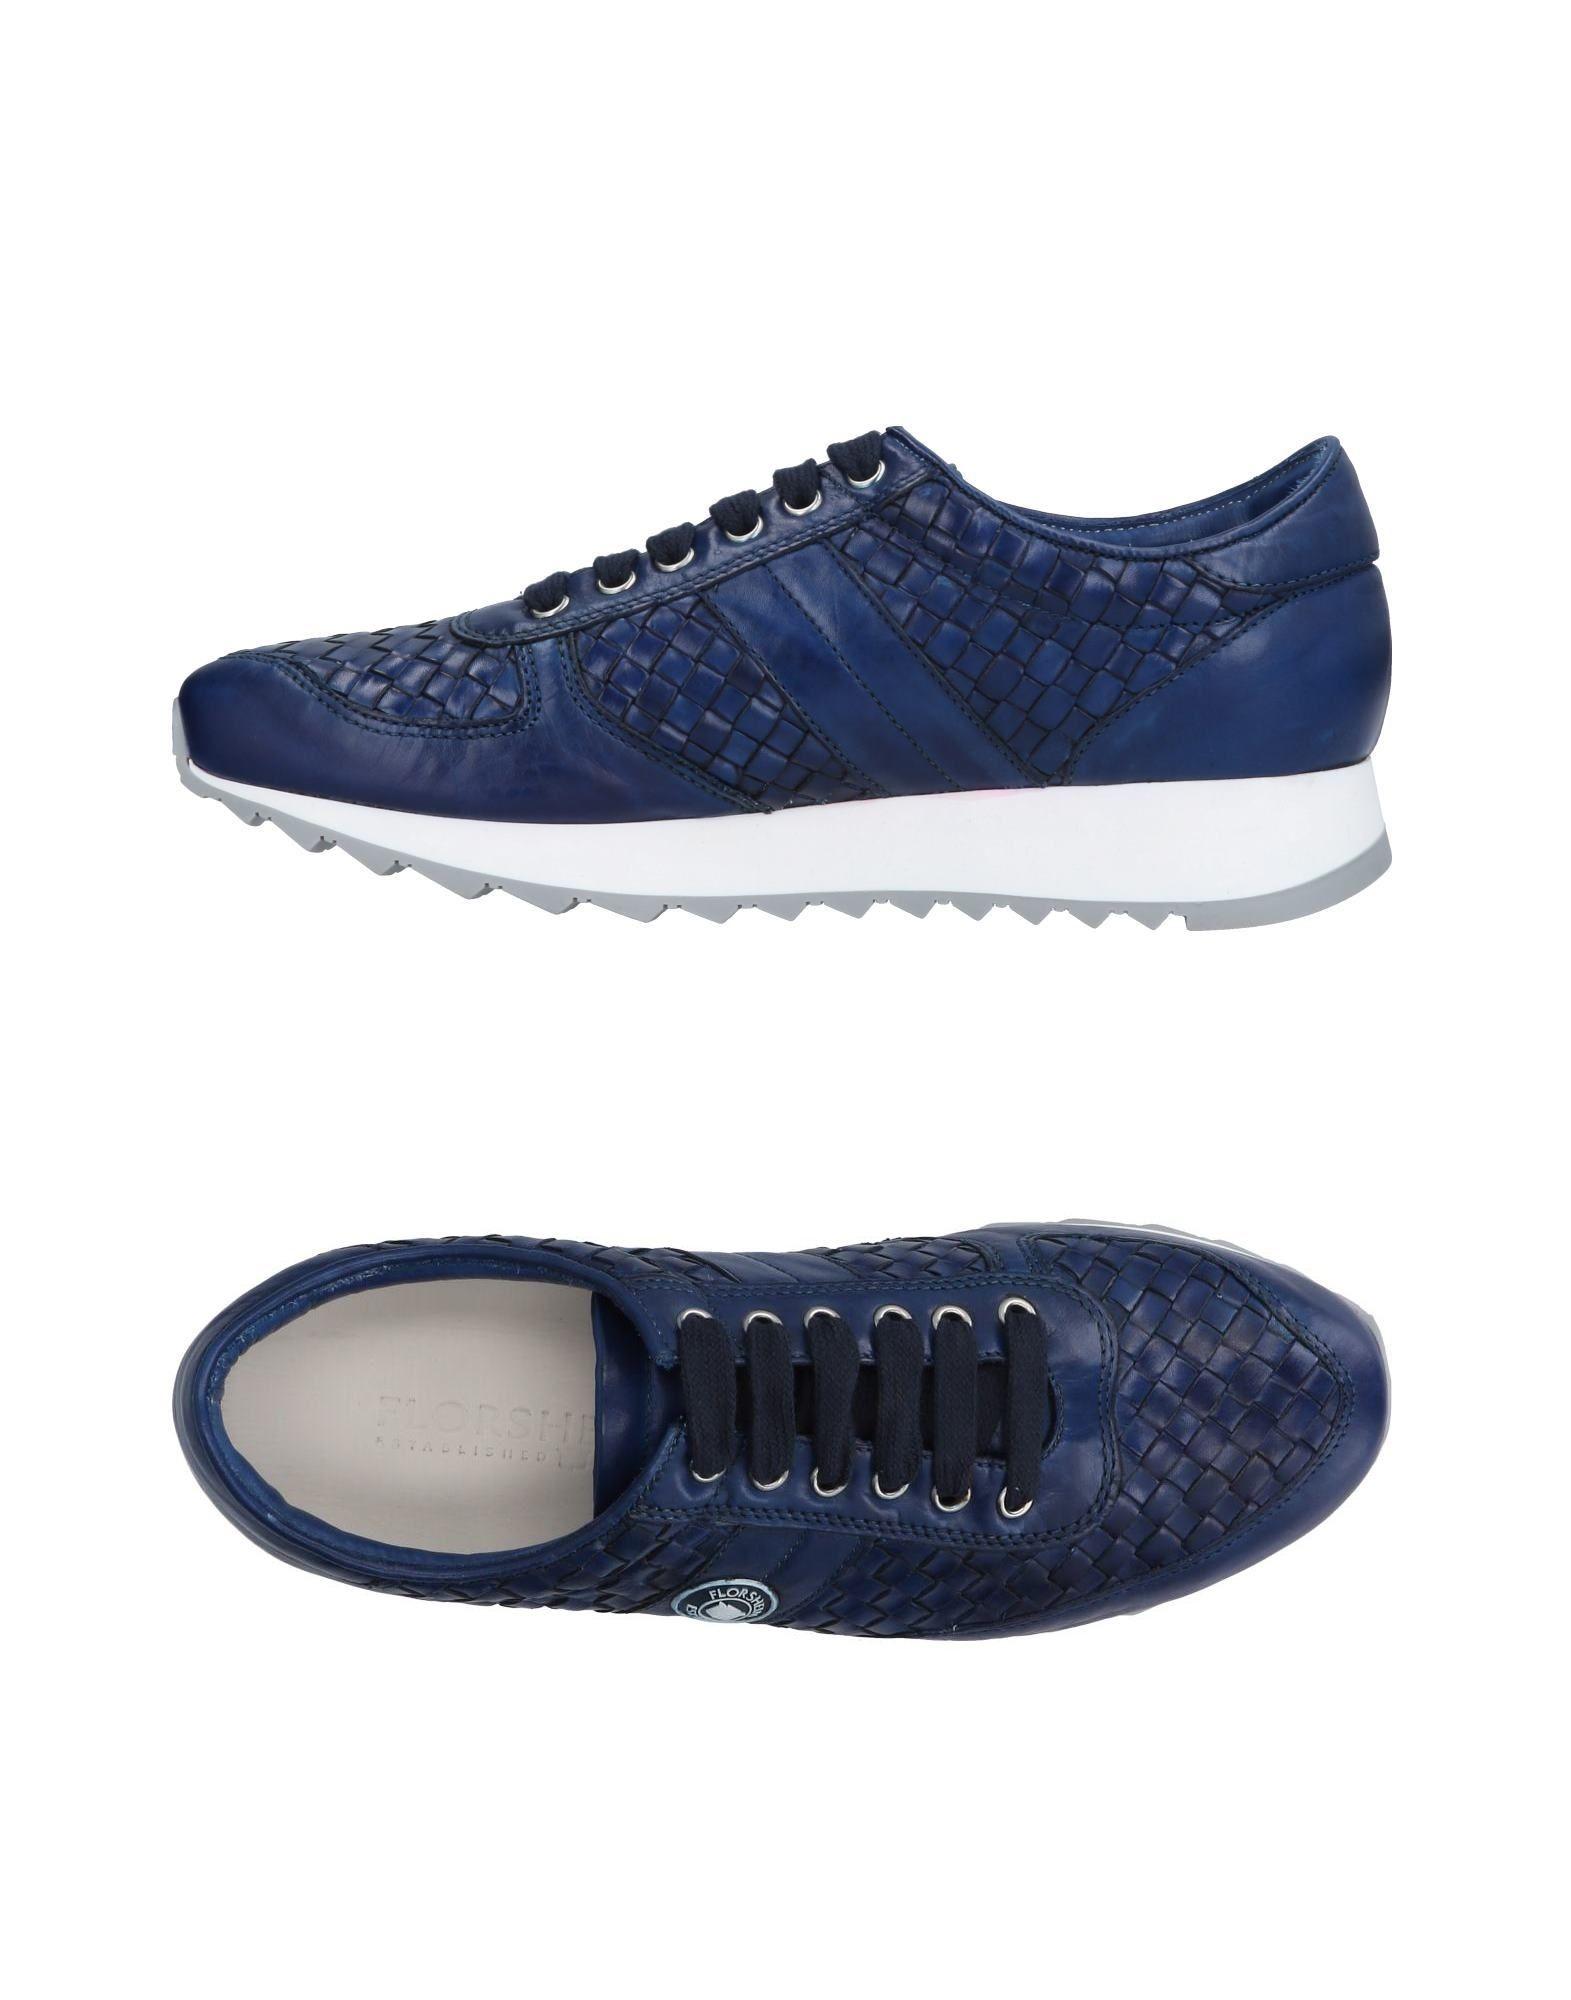 Sneakers Florsheim Homme - Sneakers Florsheim  Bleu Nouvelles chaussures pour hommes et femmes, remise limitée dans le temps